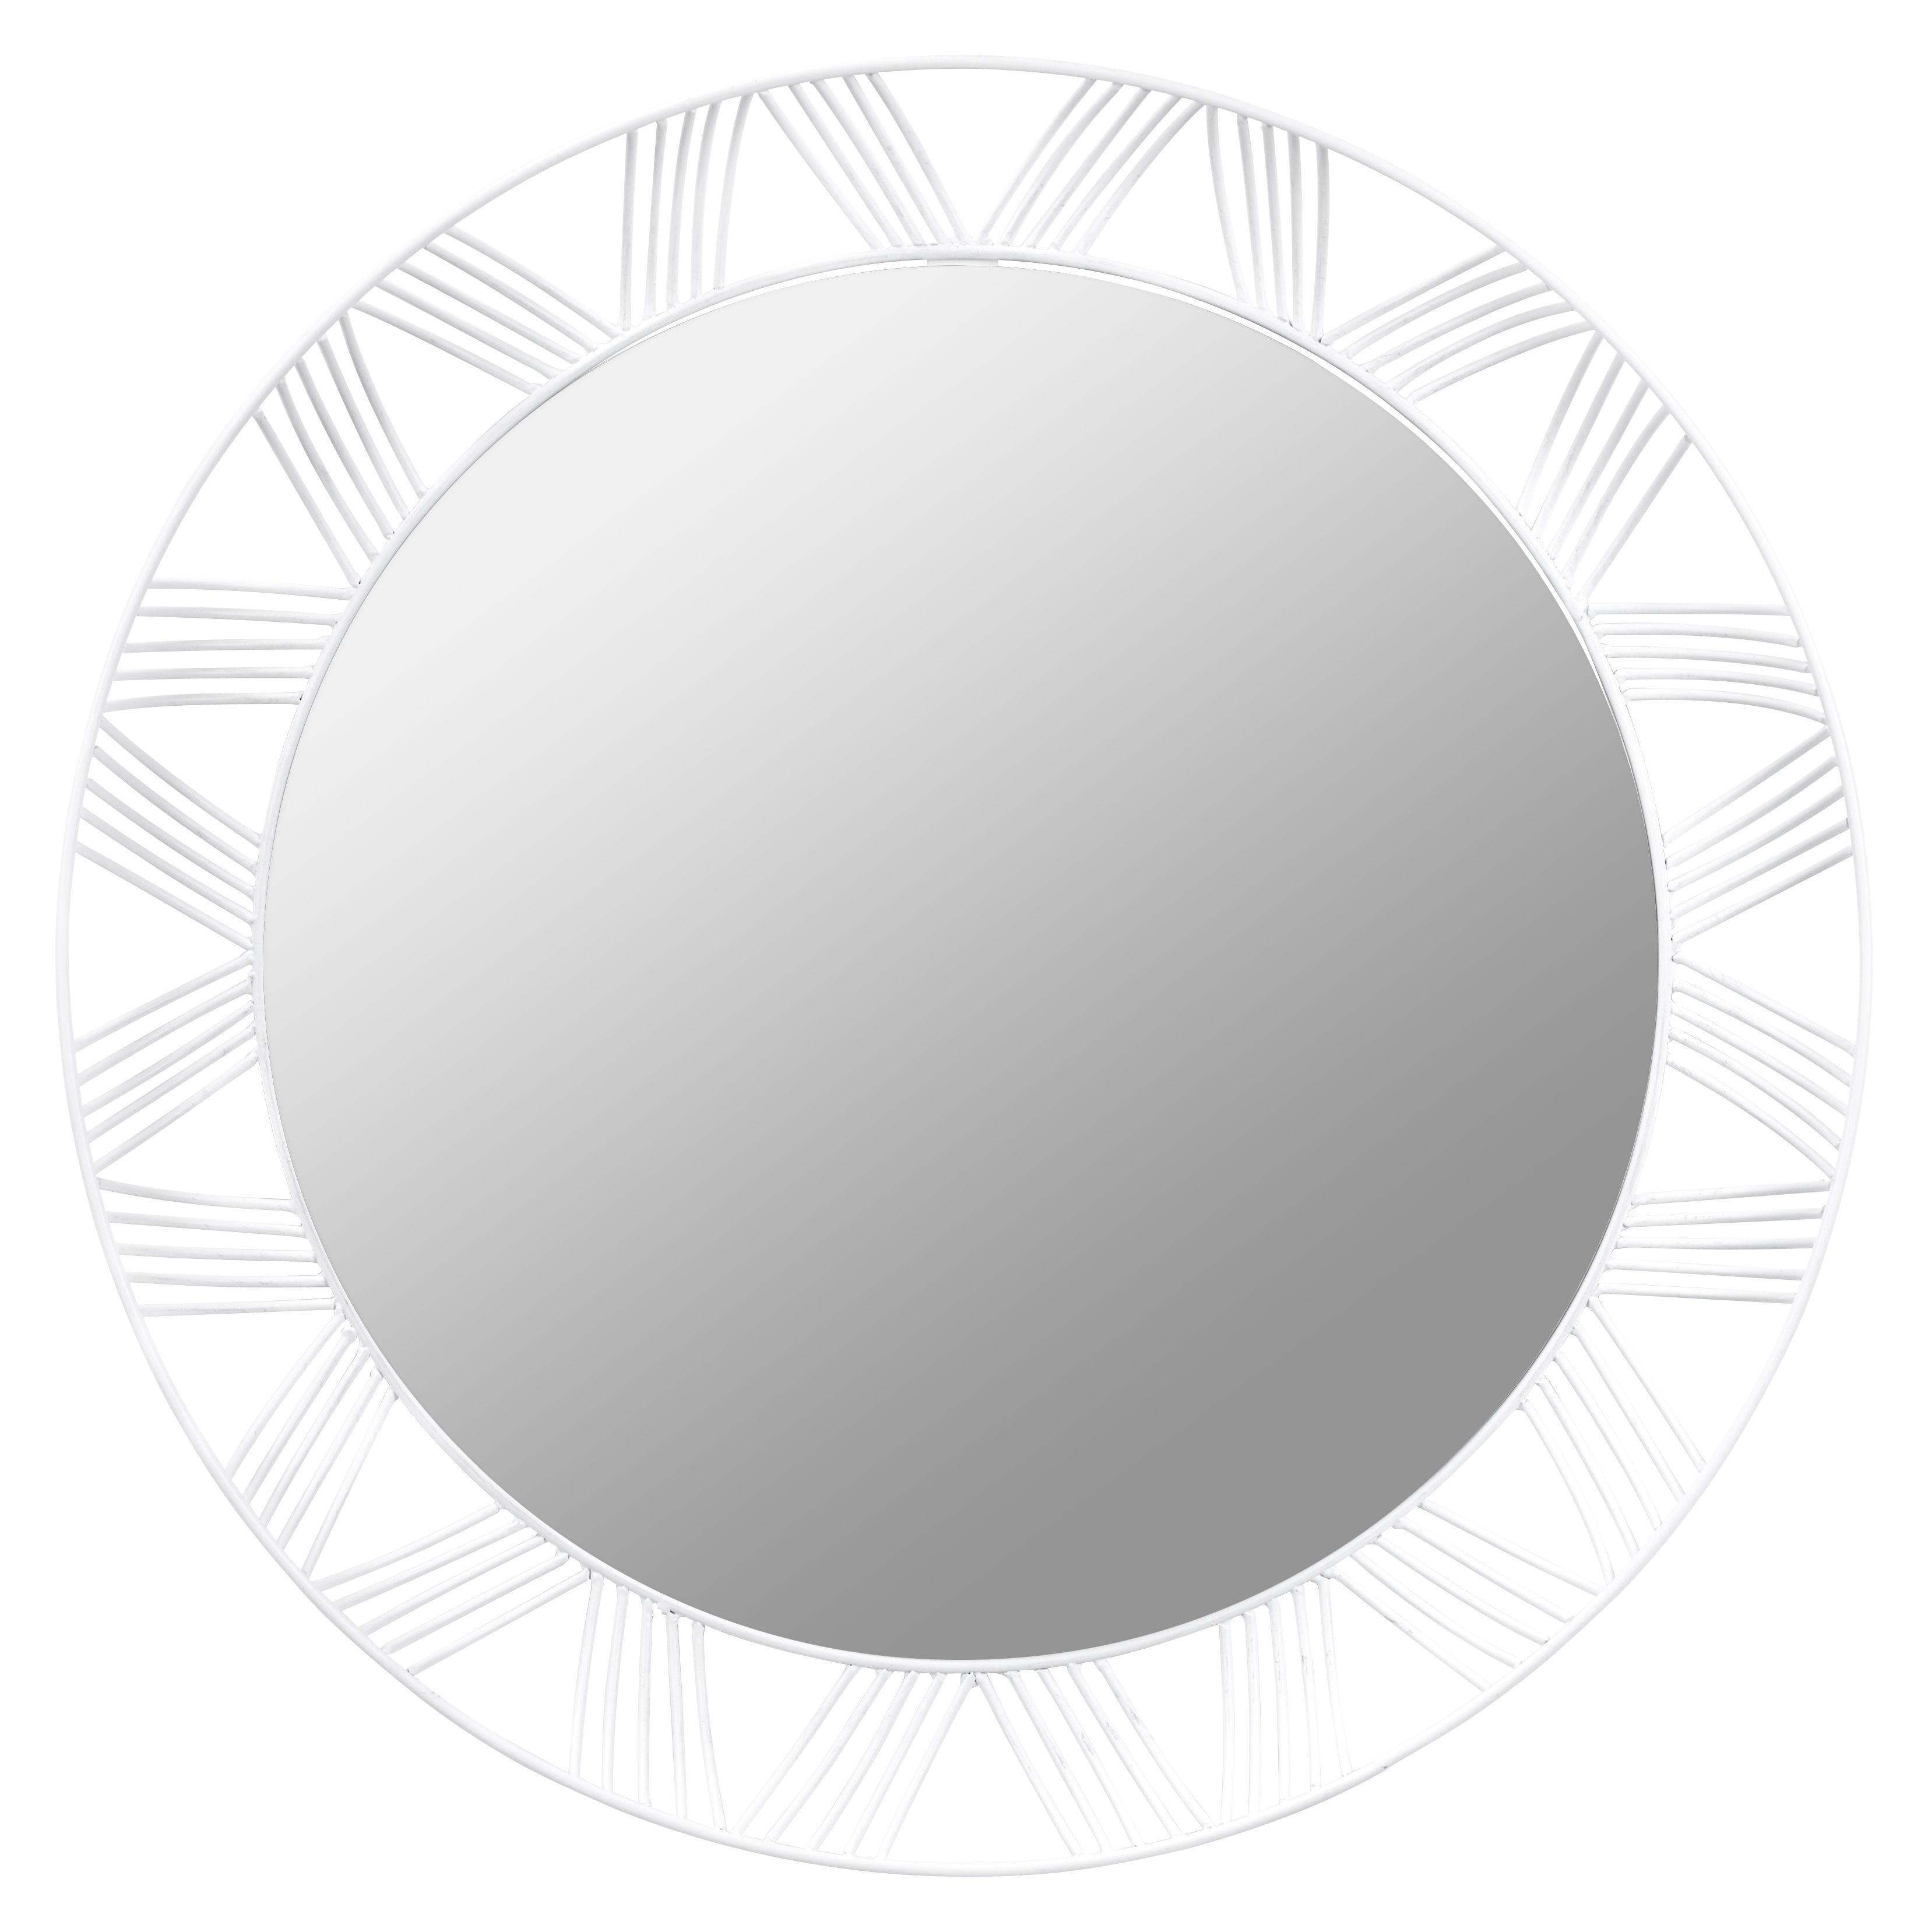 Decoration - Mirrors - Stilk Wall mirror - Round - Ø 50 cm by Serax - White - Lacquered metal, Mirror